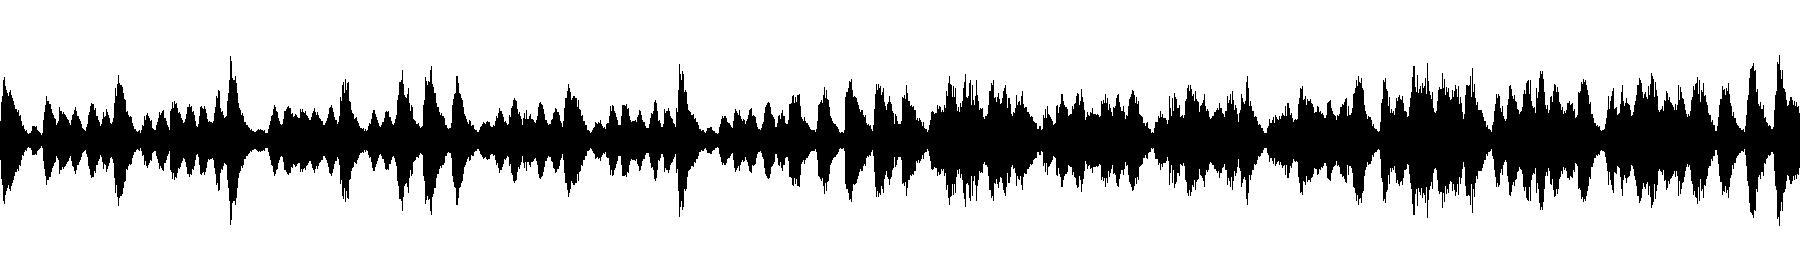 melody 24bpm85keya